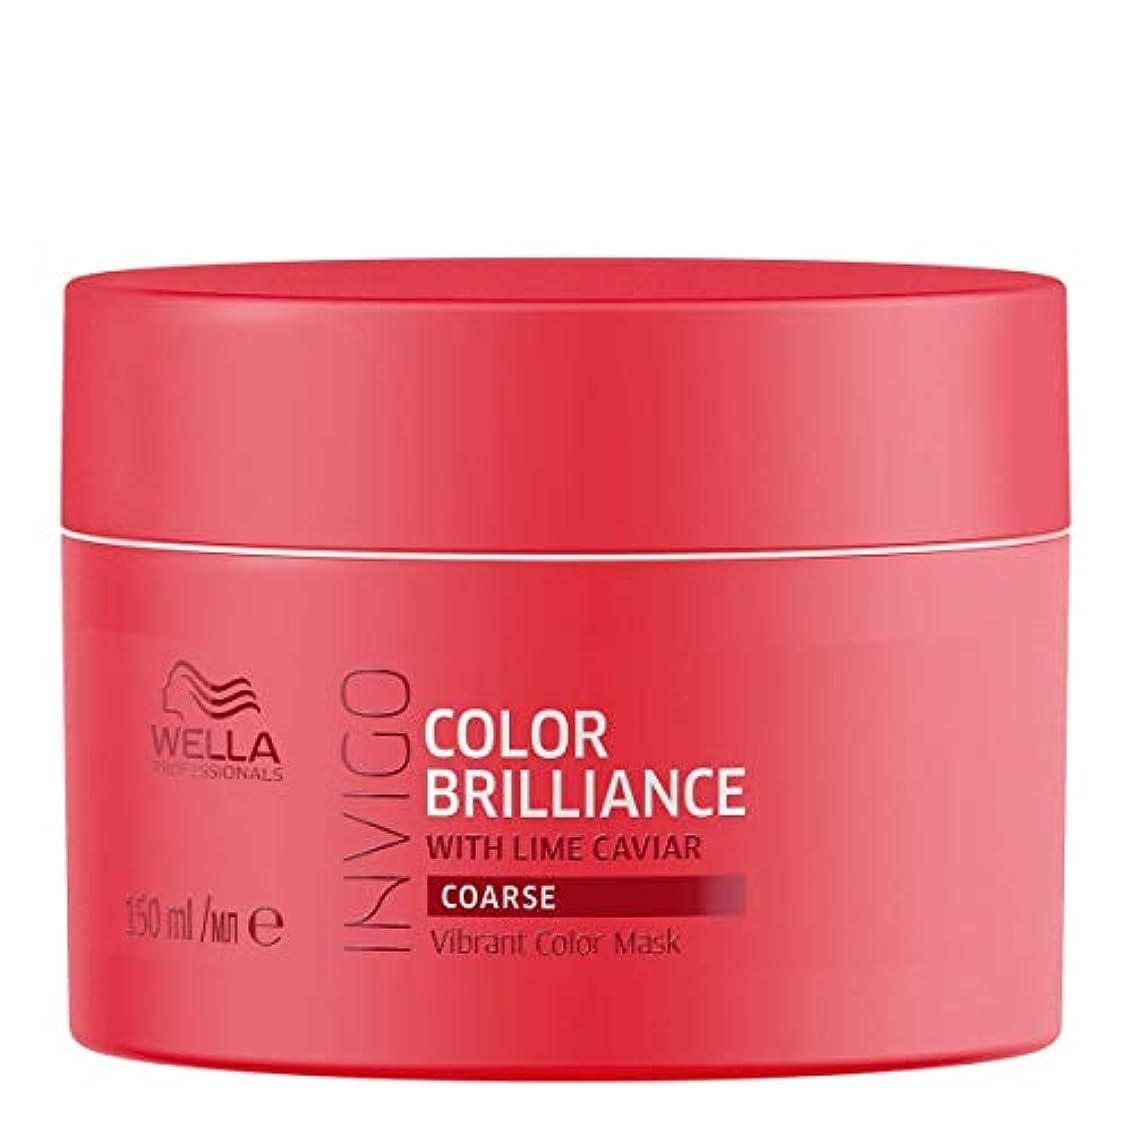 カプセルデジタル再生的ウエラ インヴィゴ コース カラー マスク Wella Invigo Color Brilliance With Lime Caviar Coarse Vibrant Color Mask 150 ml [並行輸入品]